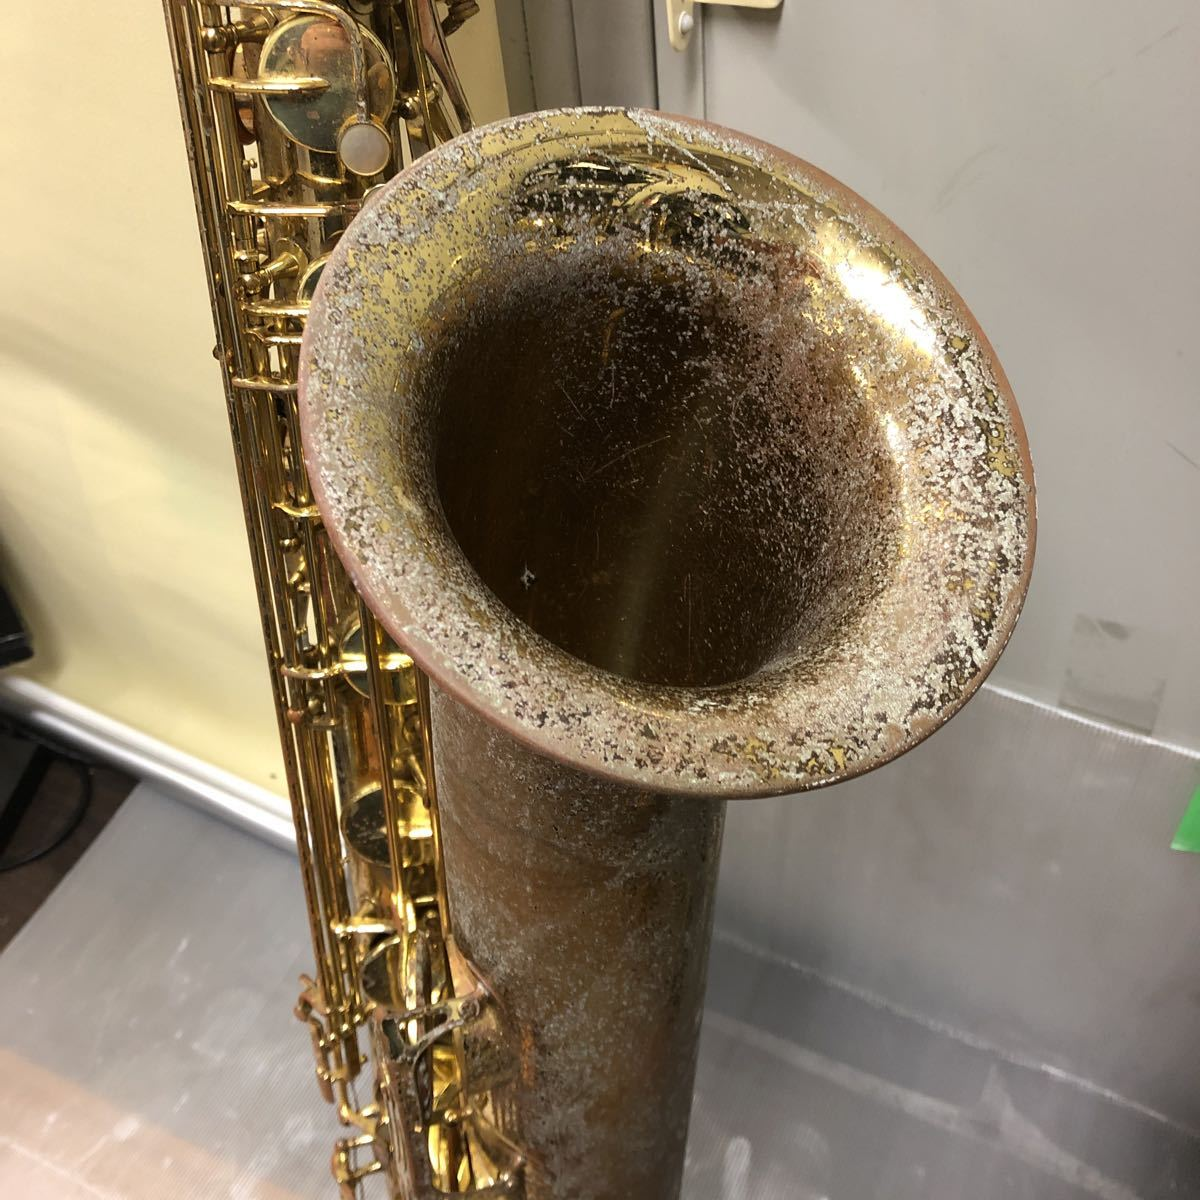 ★YAMAHA★ヤマハ バリトンサックス YBS-61 木管楽器 プロモデル 5388 ヴィンテージ 中古現状品 _画像3